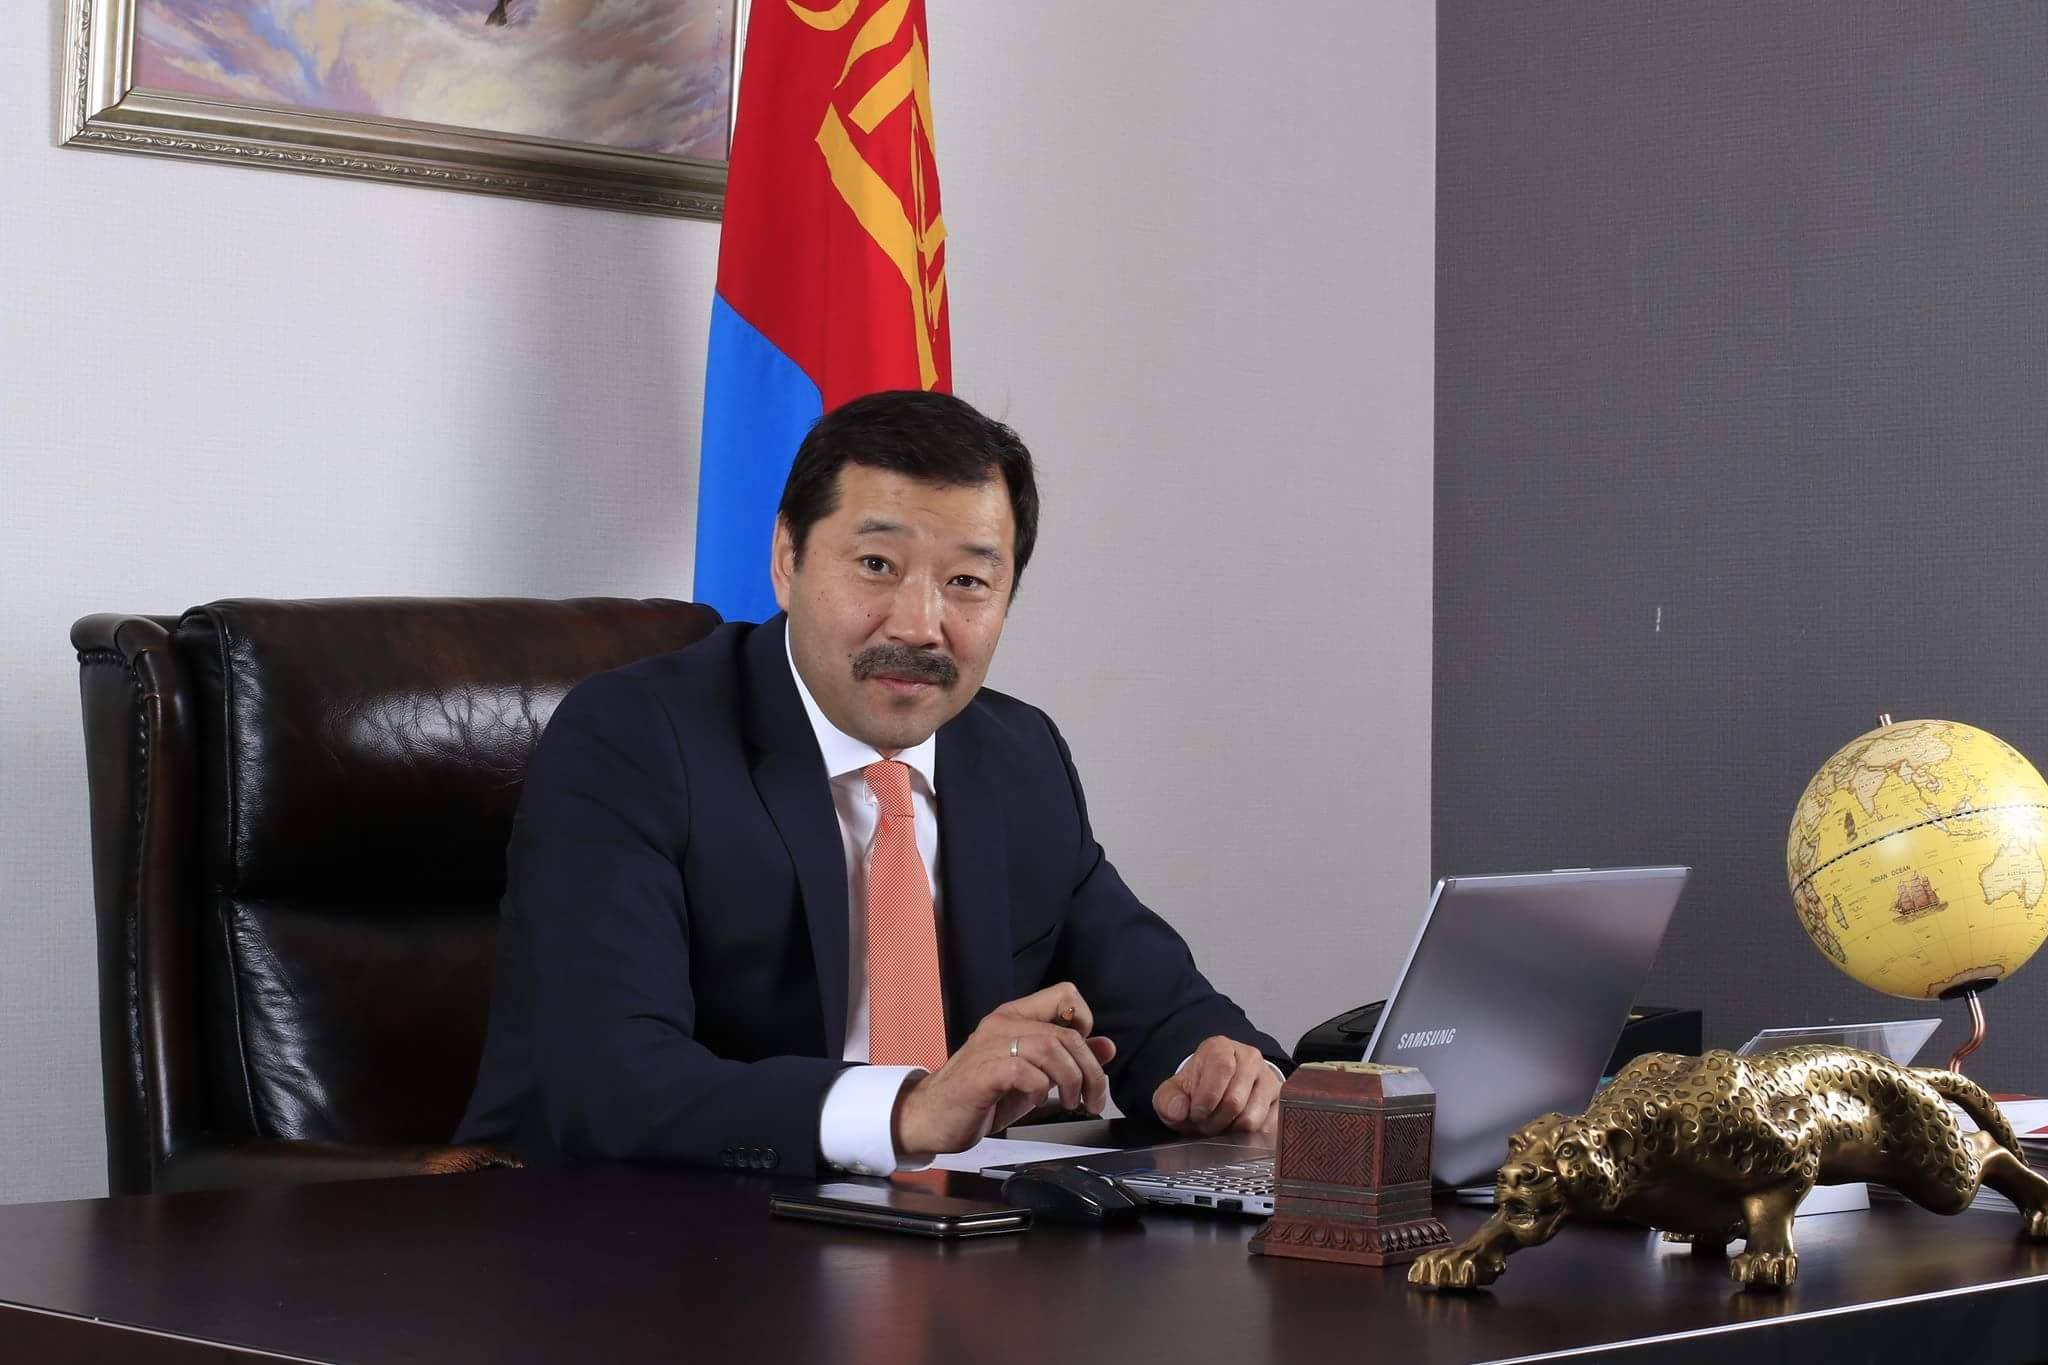 Ж.Бат-Эрдэнэ: Монголбанкны үнэ тогтворжуулах хөтөлбөр цөөн тооны компанийг дэмжих хэрэгсэл байжээ